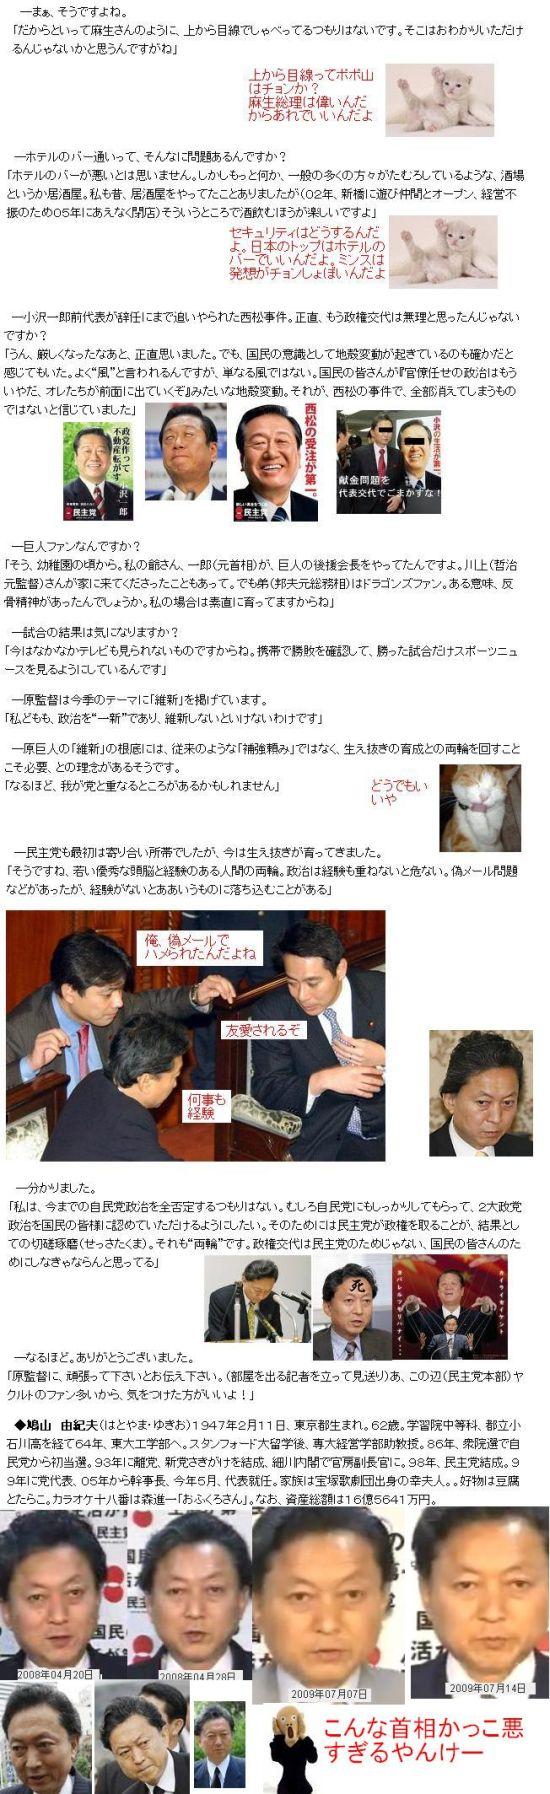 tatoyabayukimoint3.jpg